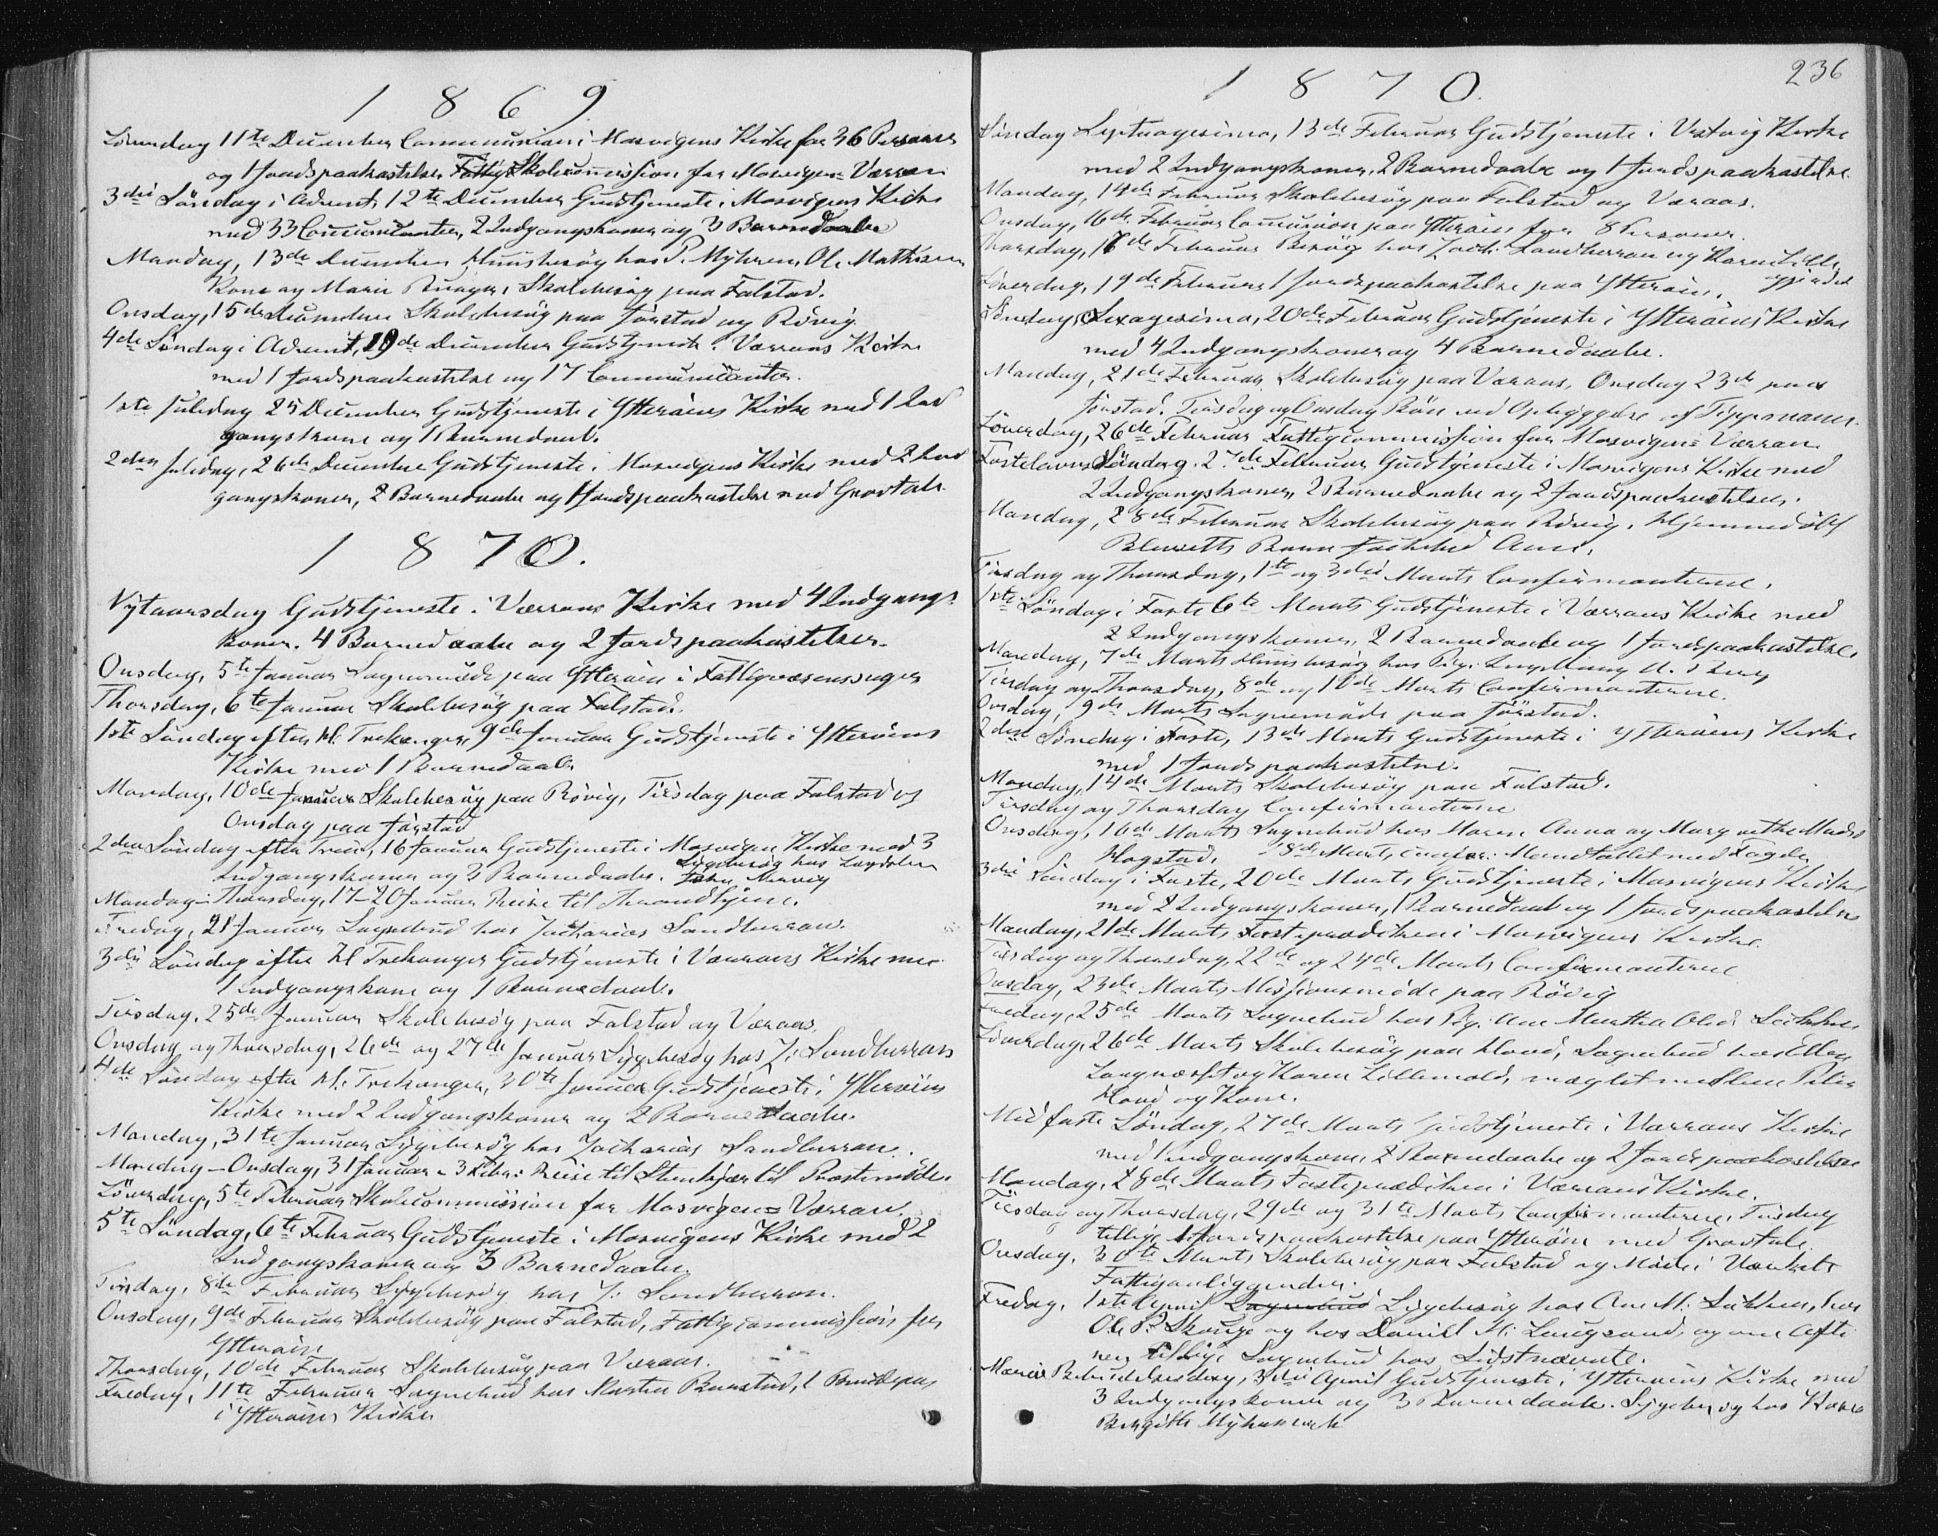 SAT, Ministerialprotokoller, klokkerbøker og fødselsregistre - Nord-Trøndelag, 722/L0219: Ministerialbok nr. 722A06, 1868-1880, s. 236